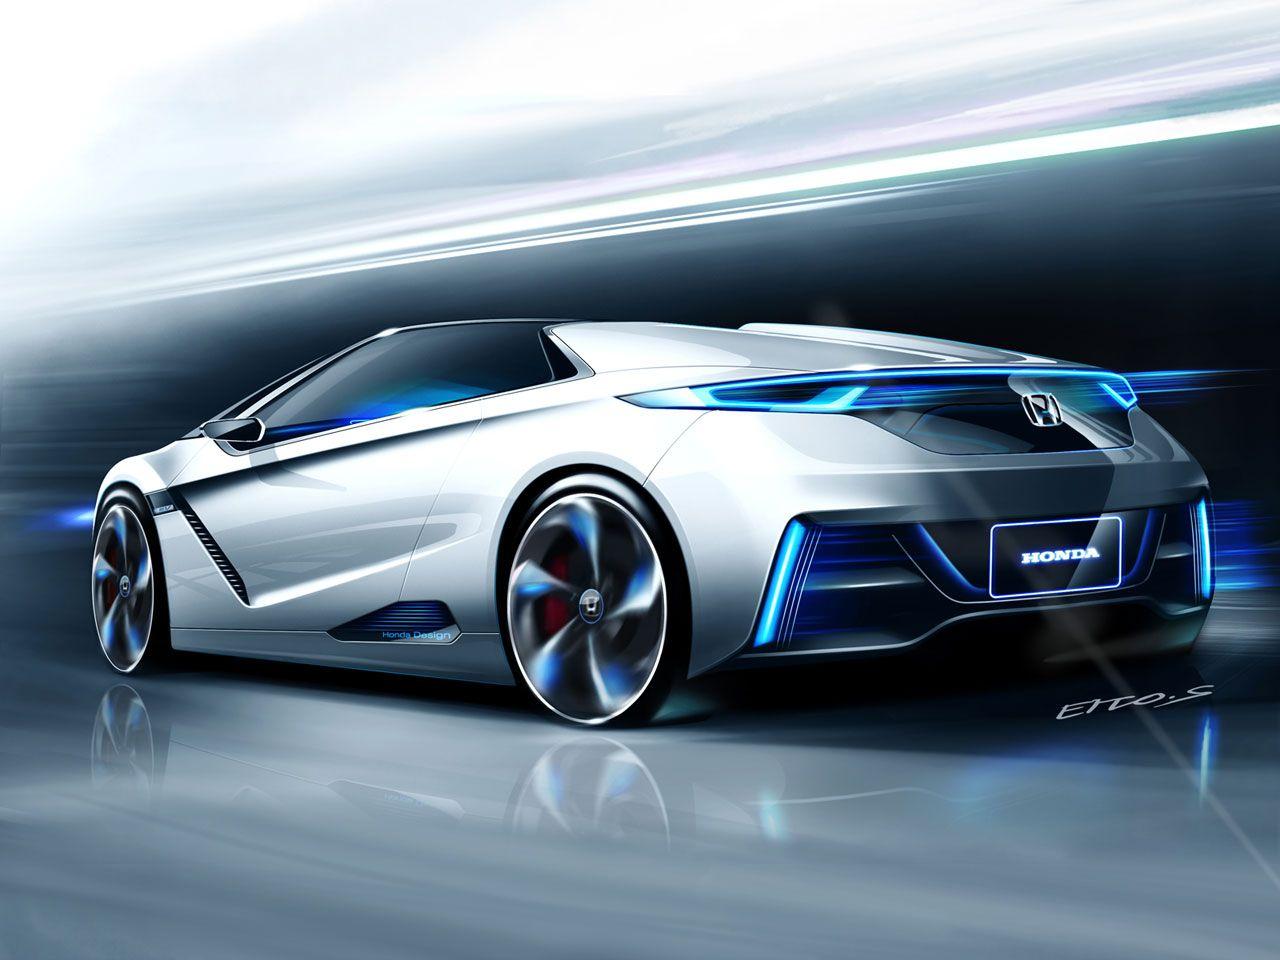 Honda Small Sports Ev Concept Futuristic Car Neon Light Future